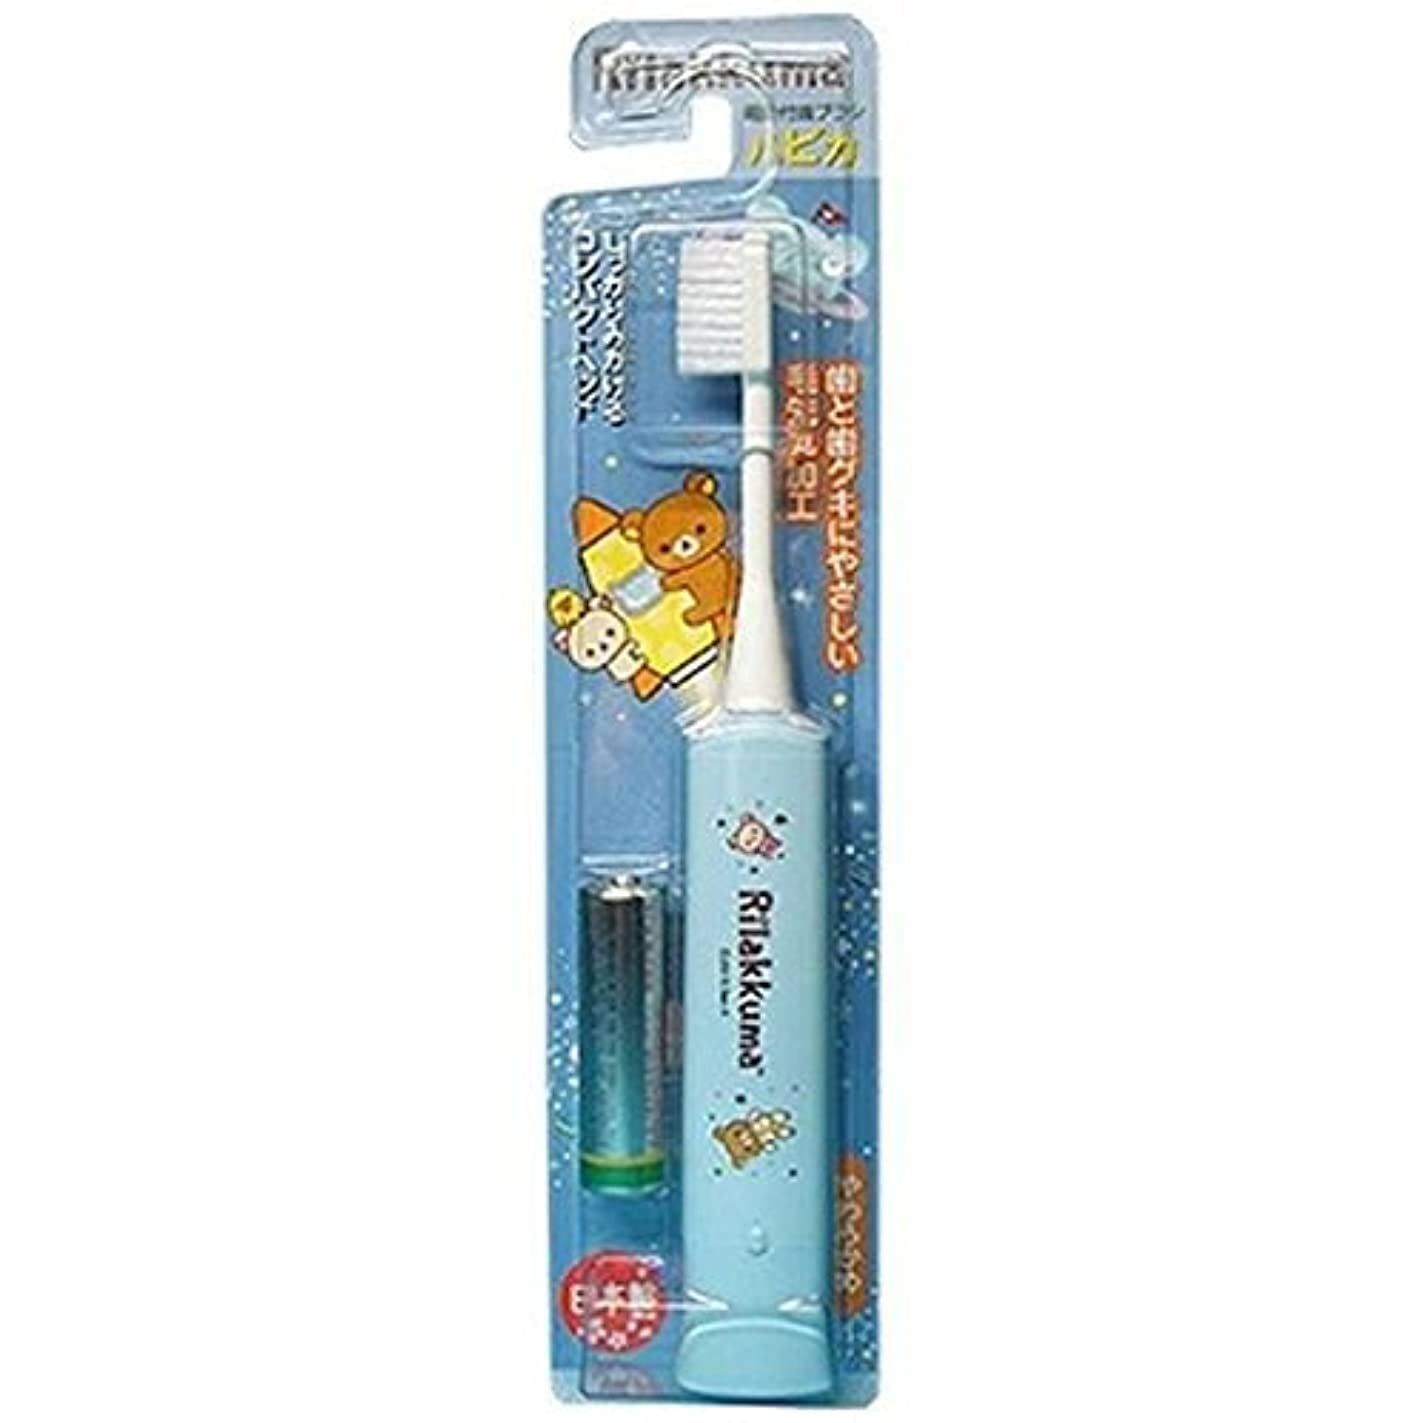 外国人経験者健康的ミニマム 電動付歯ブラシ リラックマハピカ ブルー 毛の硬さ:やわらかめ DBM-5B(RK)